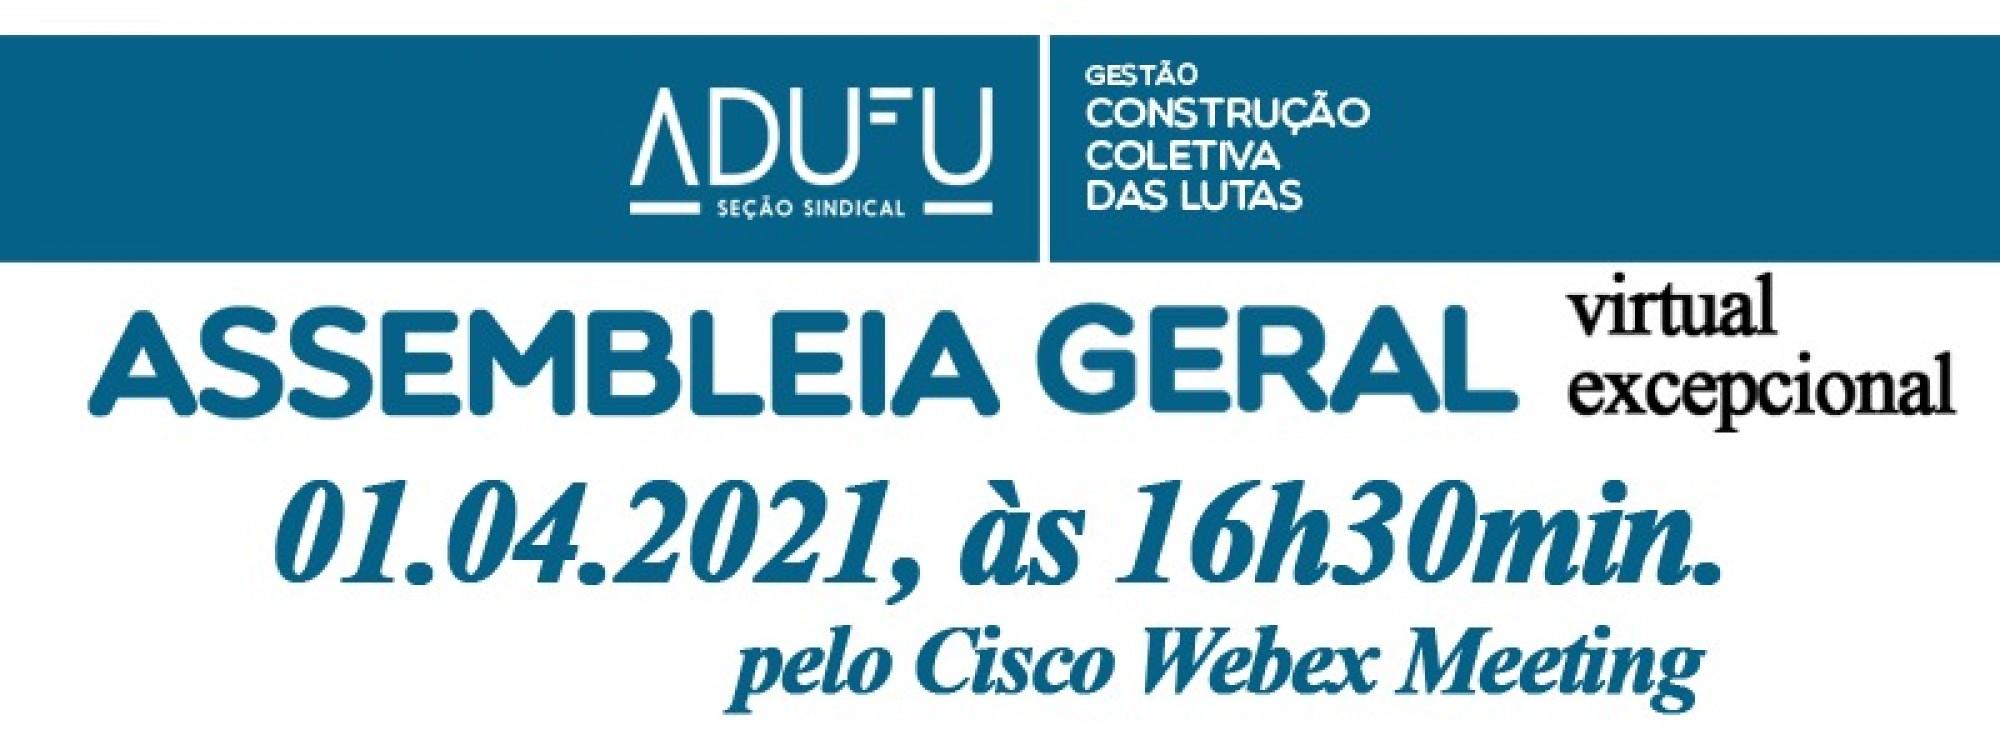 Confira informações sobre a Assembleia Geral da ADUFU de 1 de abril